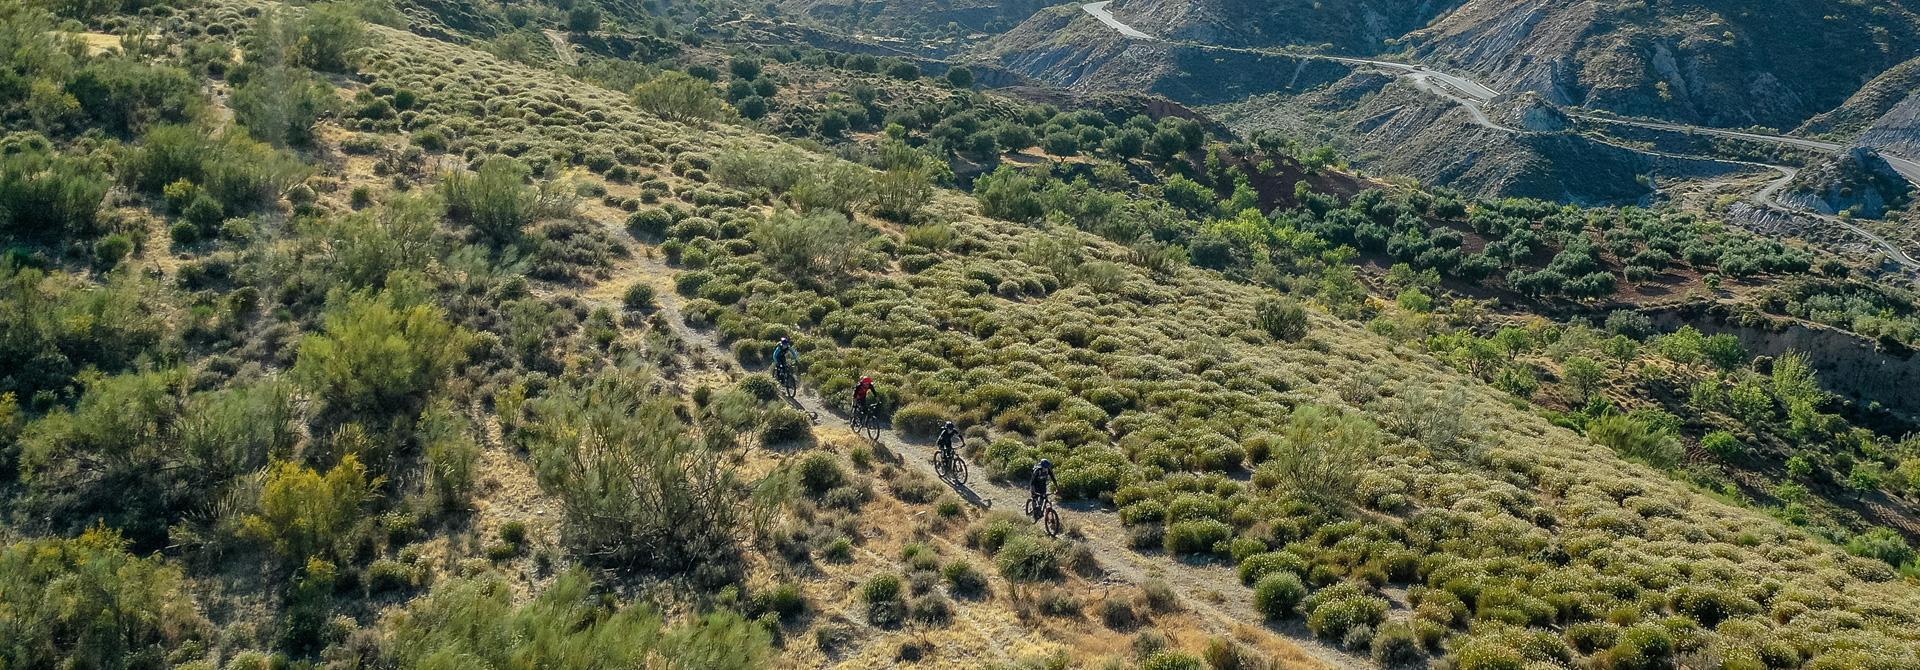 Bespoke mountain biking trips